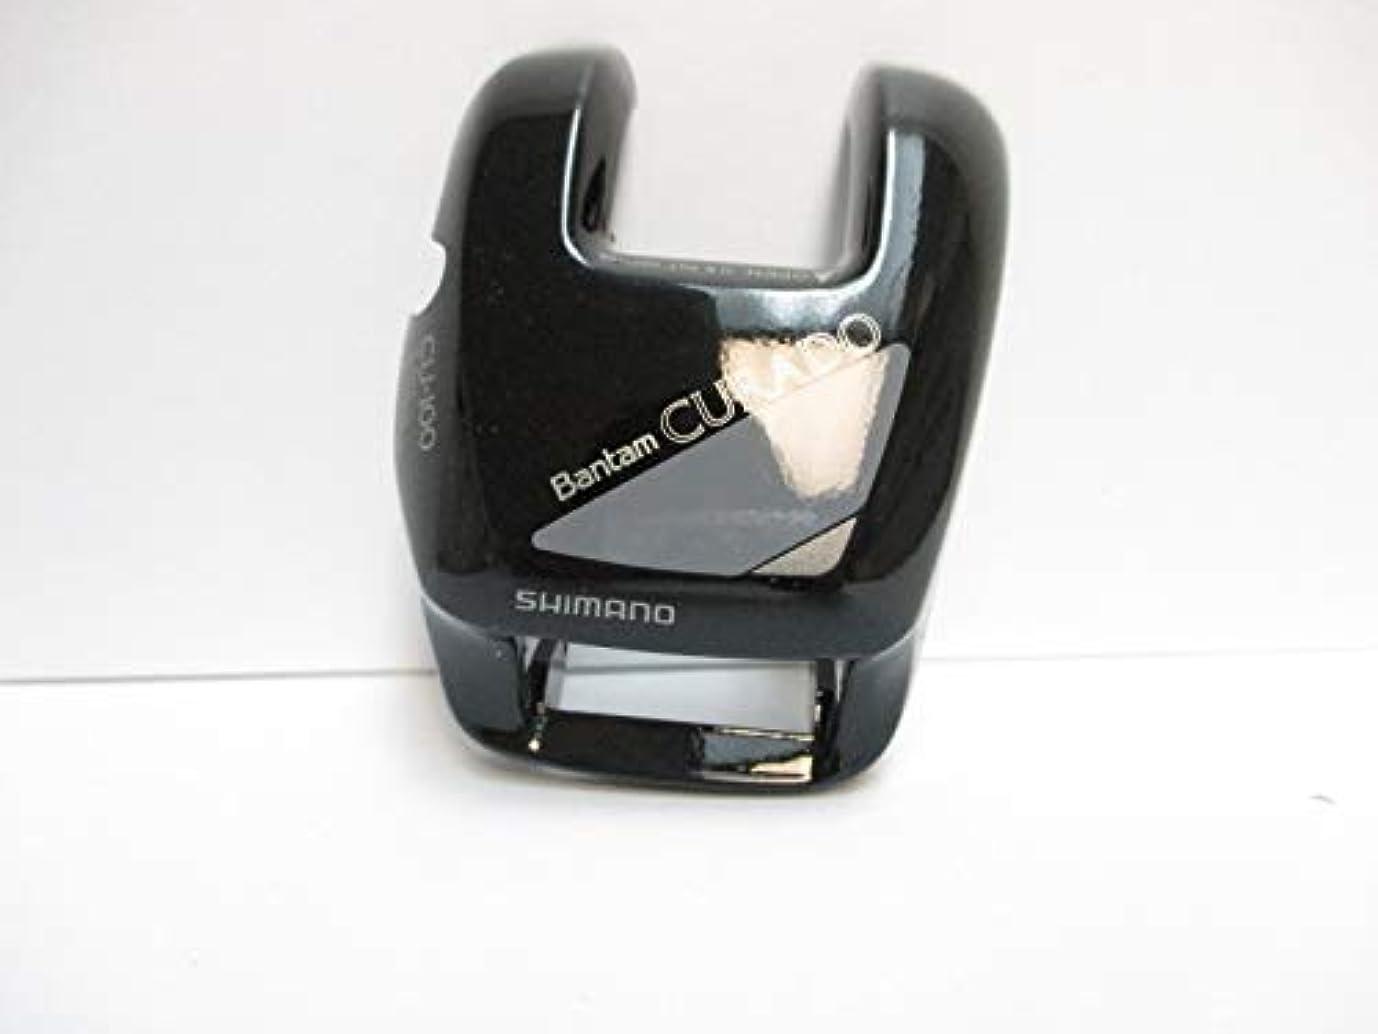 人柄万歳剥ぎ取るシマノ ベイトキャスティングリールパーツ - BNT1170 Curado 100 (92) - サムレスト